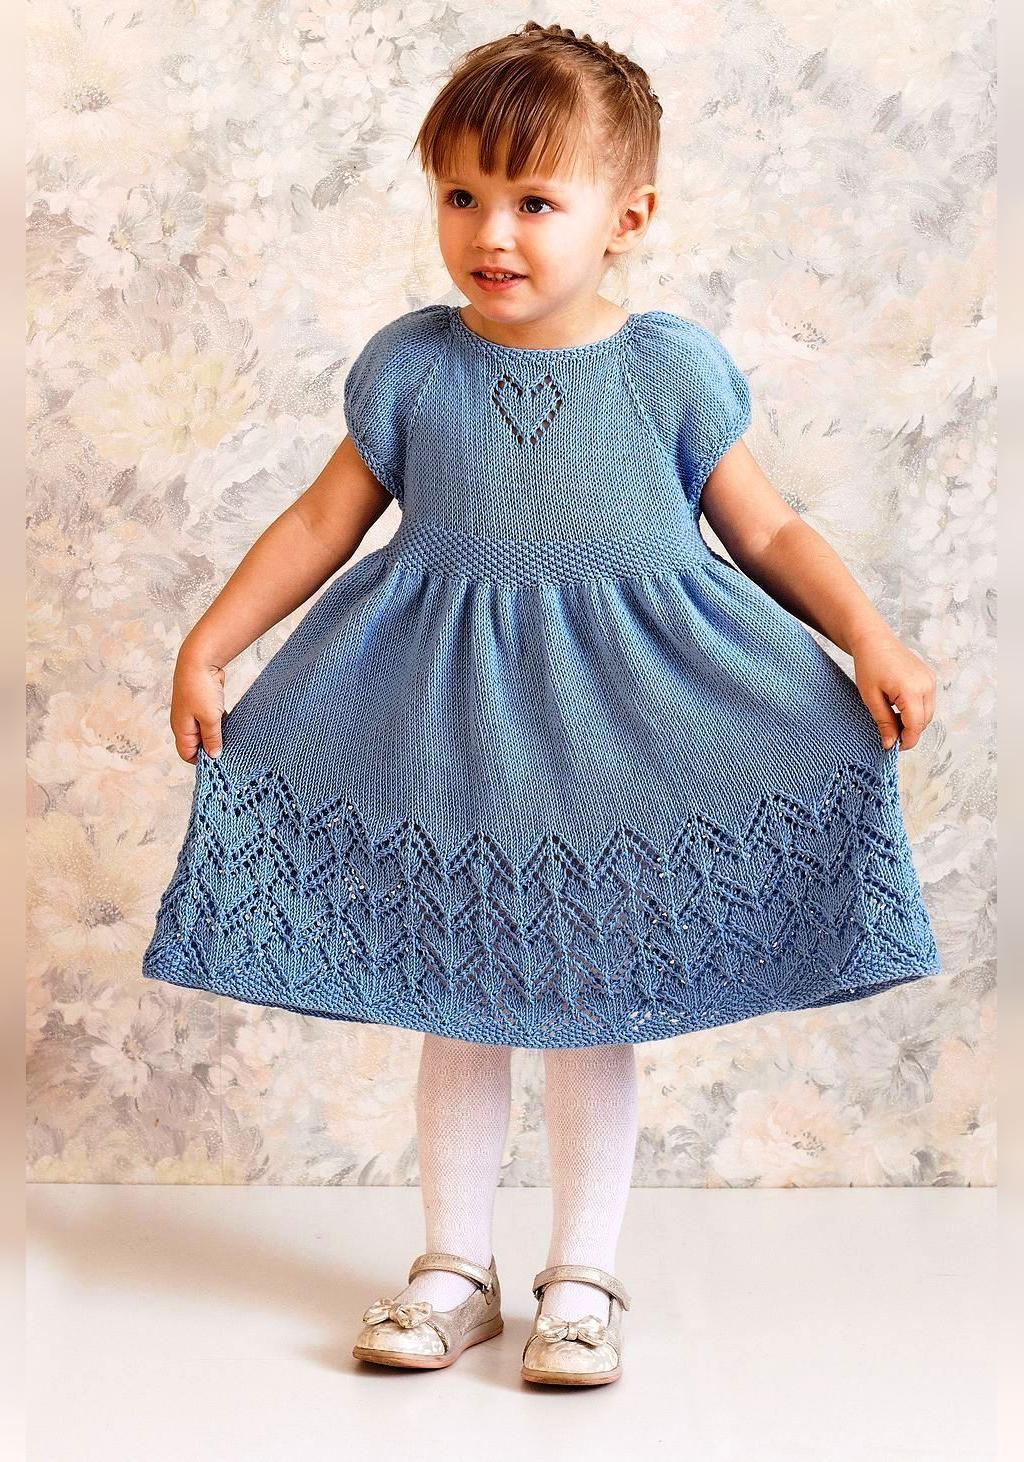 مدل لباس دستباف دخترانه بلند